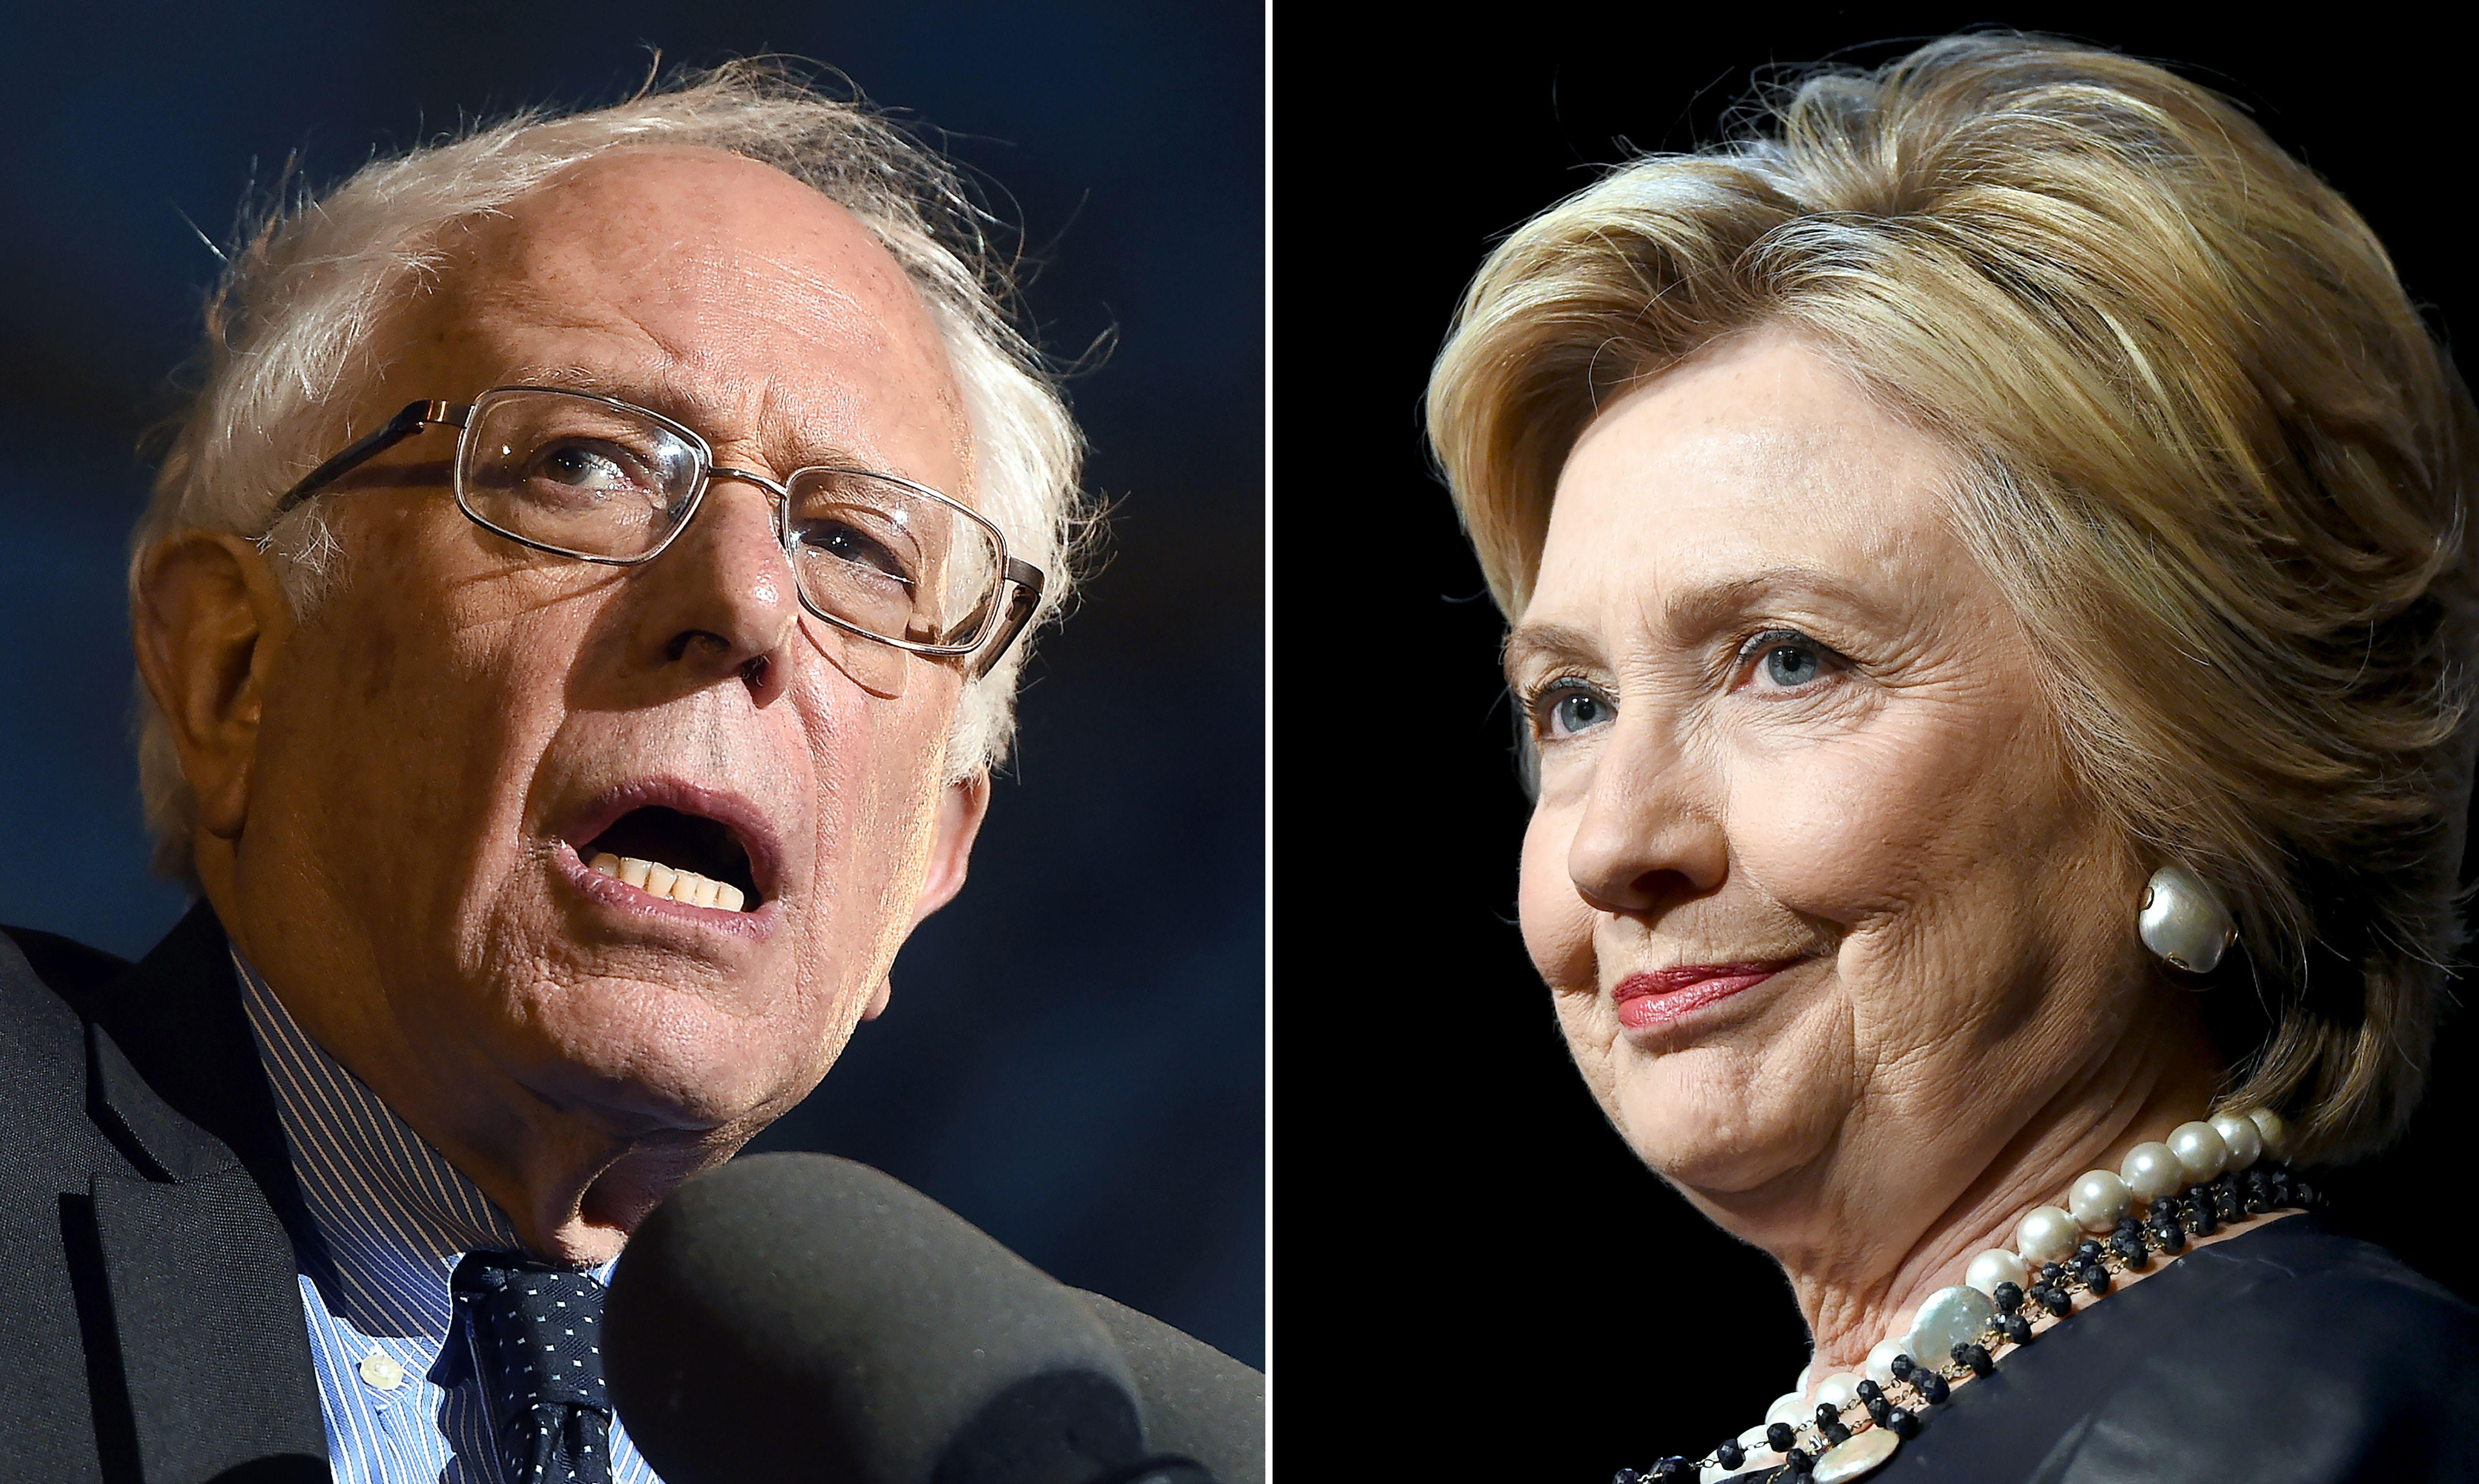 US-VOTE-DEMOCRATS-SANDERS-CLINTON